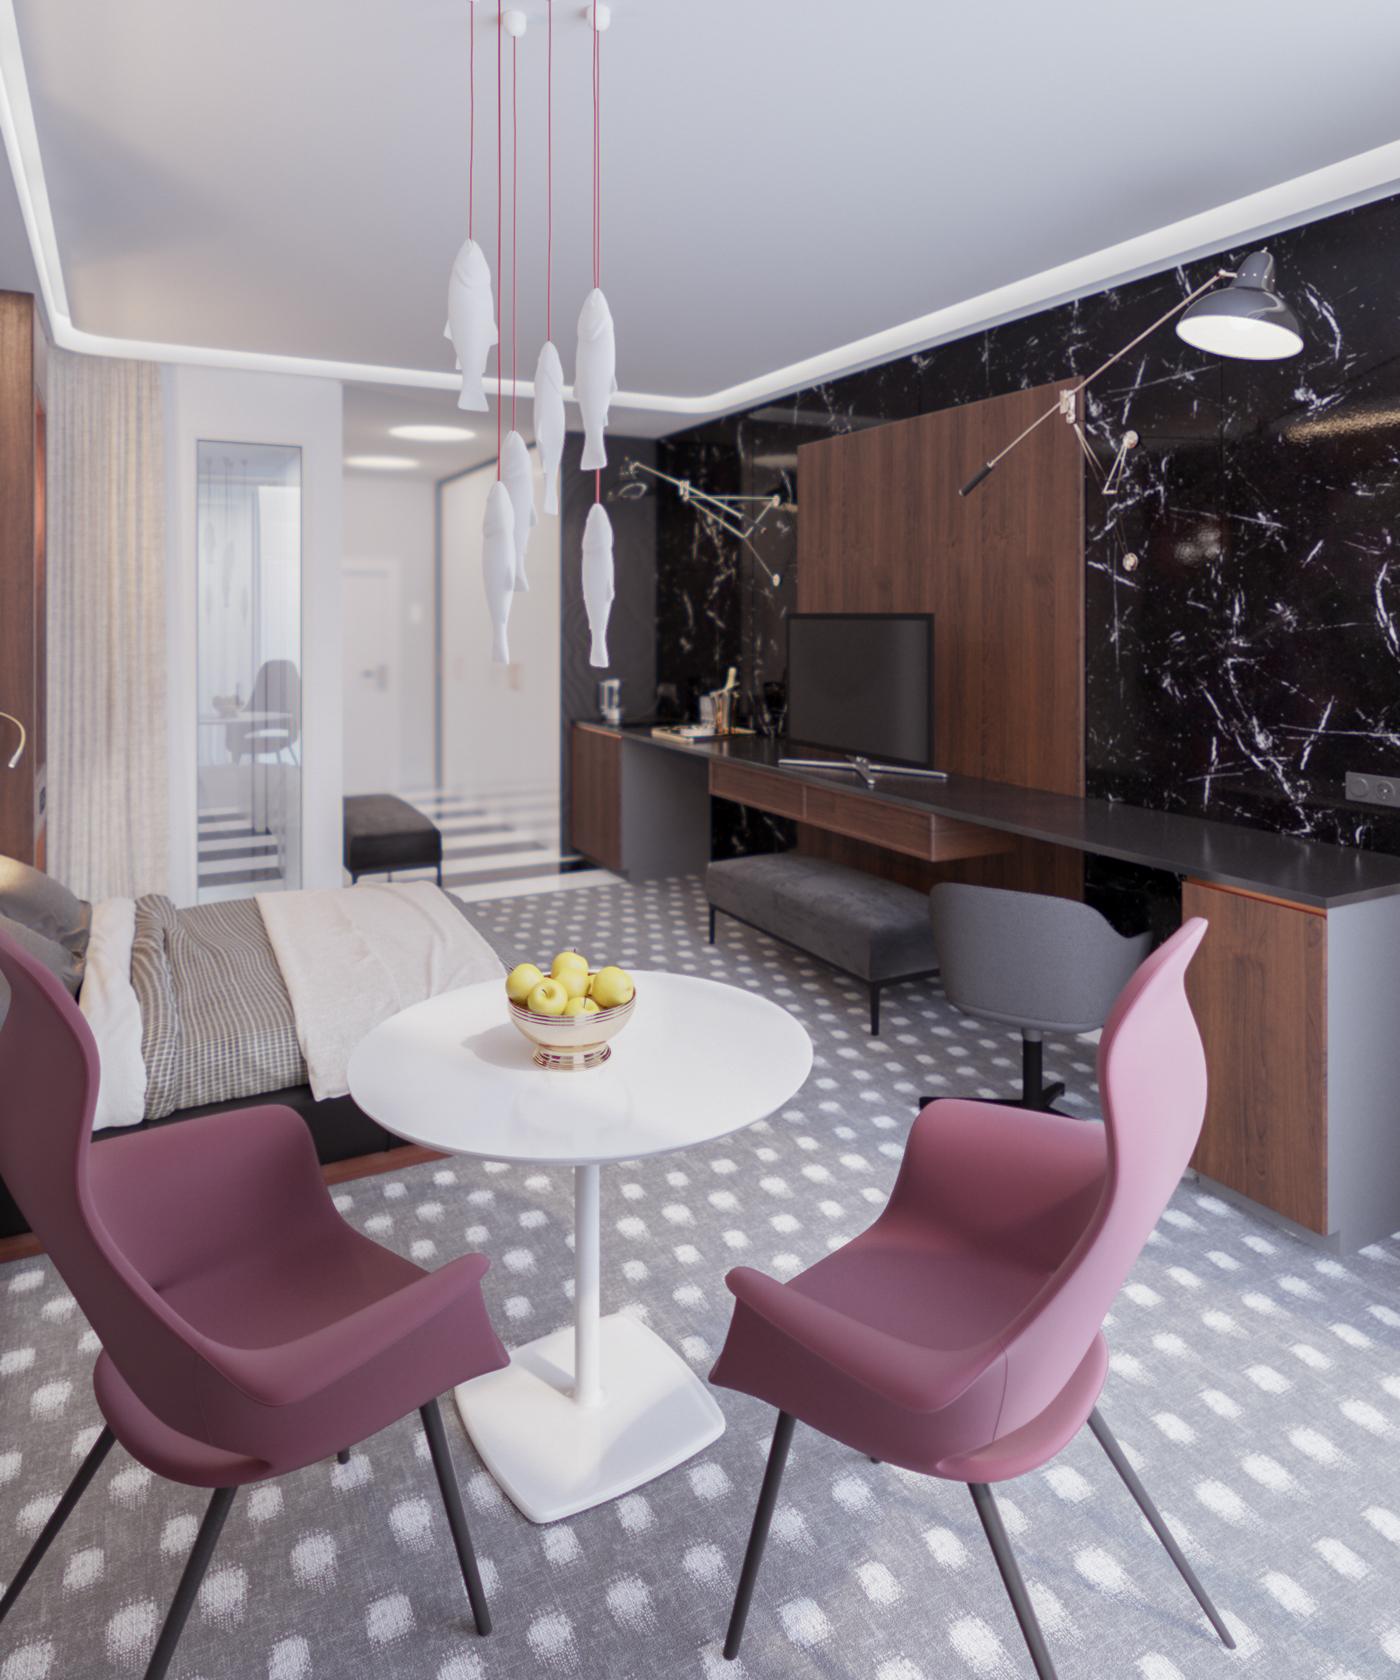 Роскошная квартира Роскошная квартира Роскошная квартира от дизайнера Ольги Ермолиной 18ef2a34905039